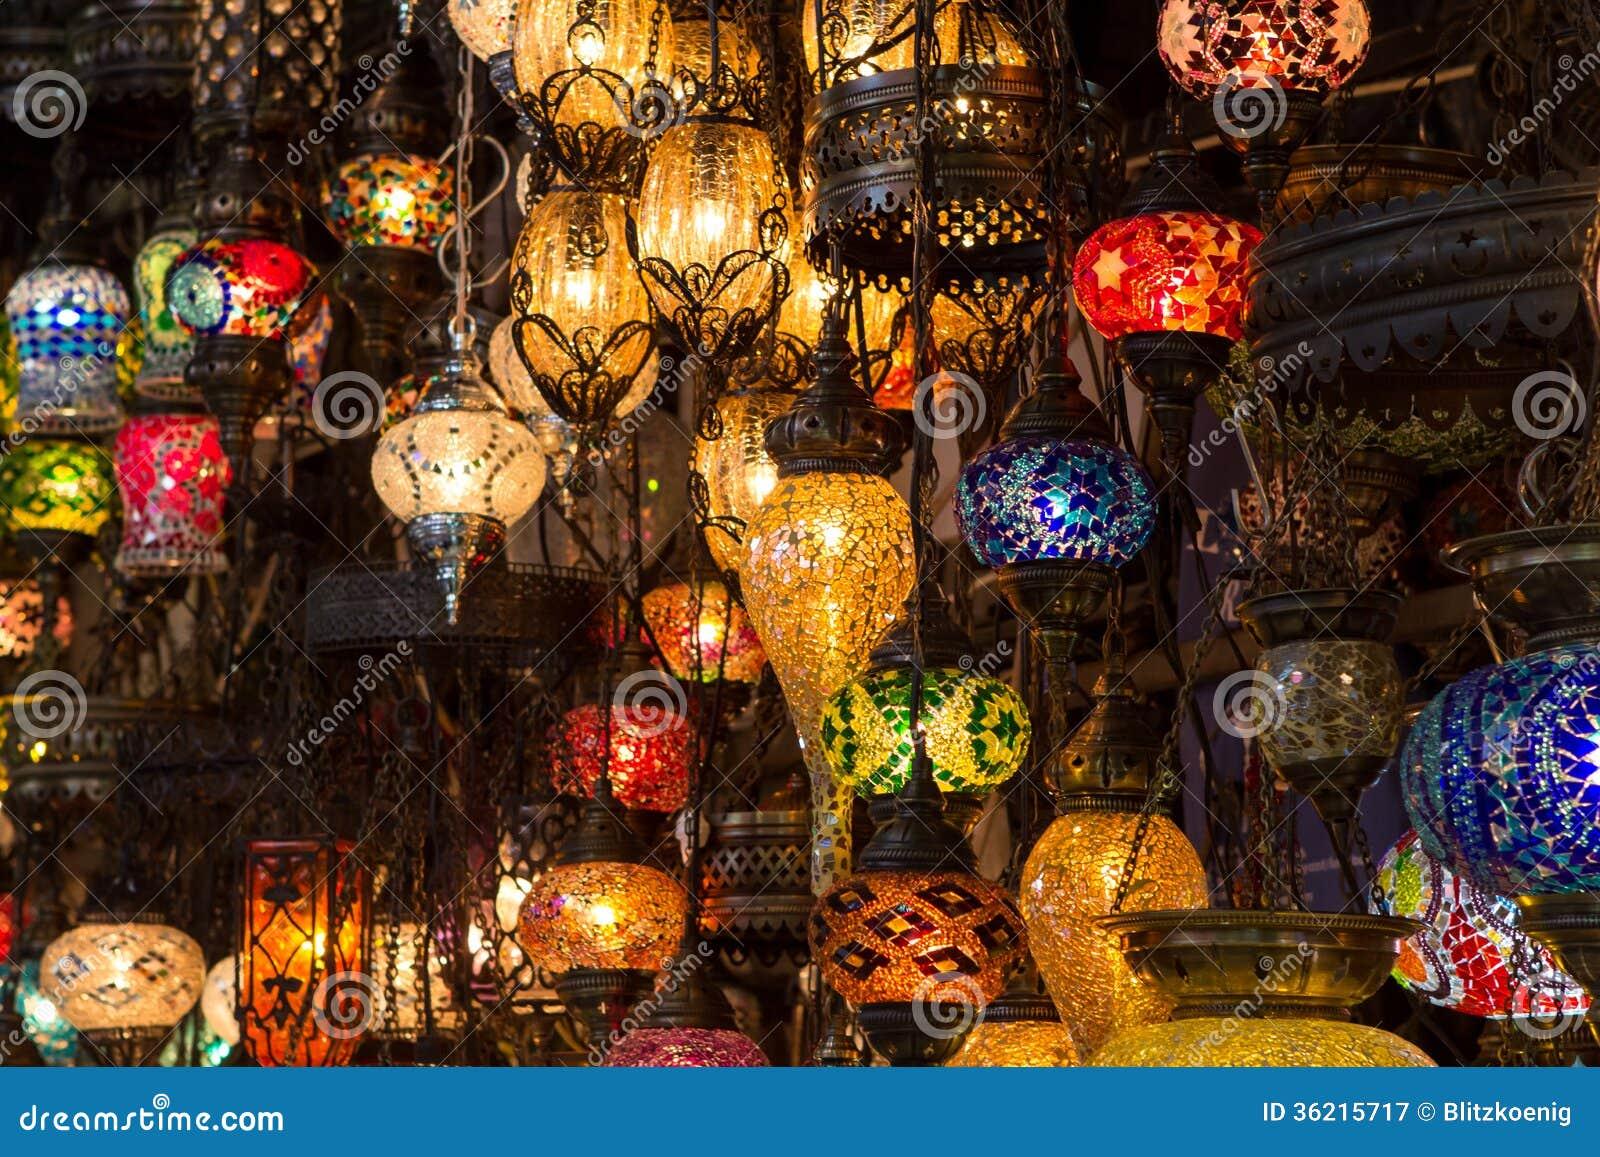 Turkische Lampen Stockbild Bild Von Bunt Leuchtend 36215717